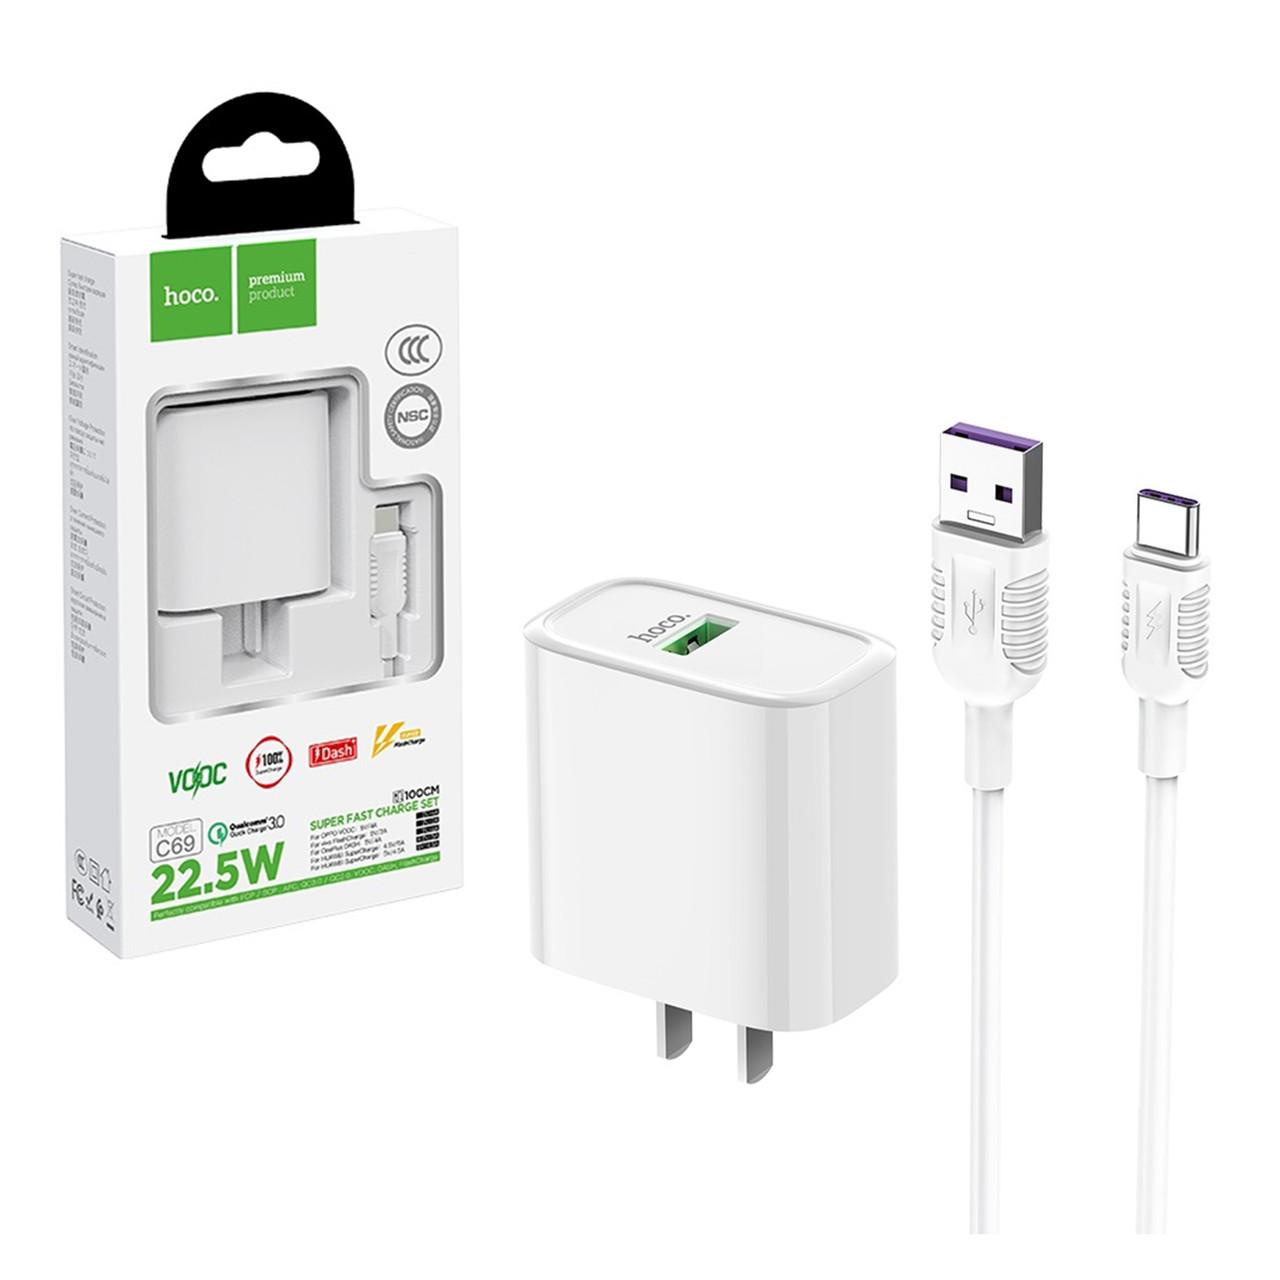 Сетевое зарядное устройство Hoco C69A + кабель Type-C 1XUSB QC 3.0 22,5W,  White